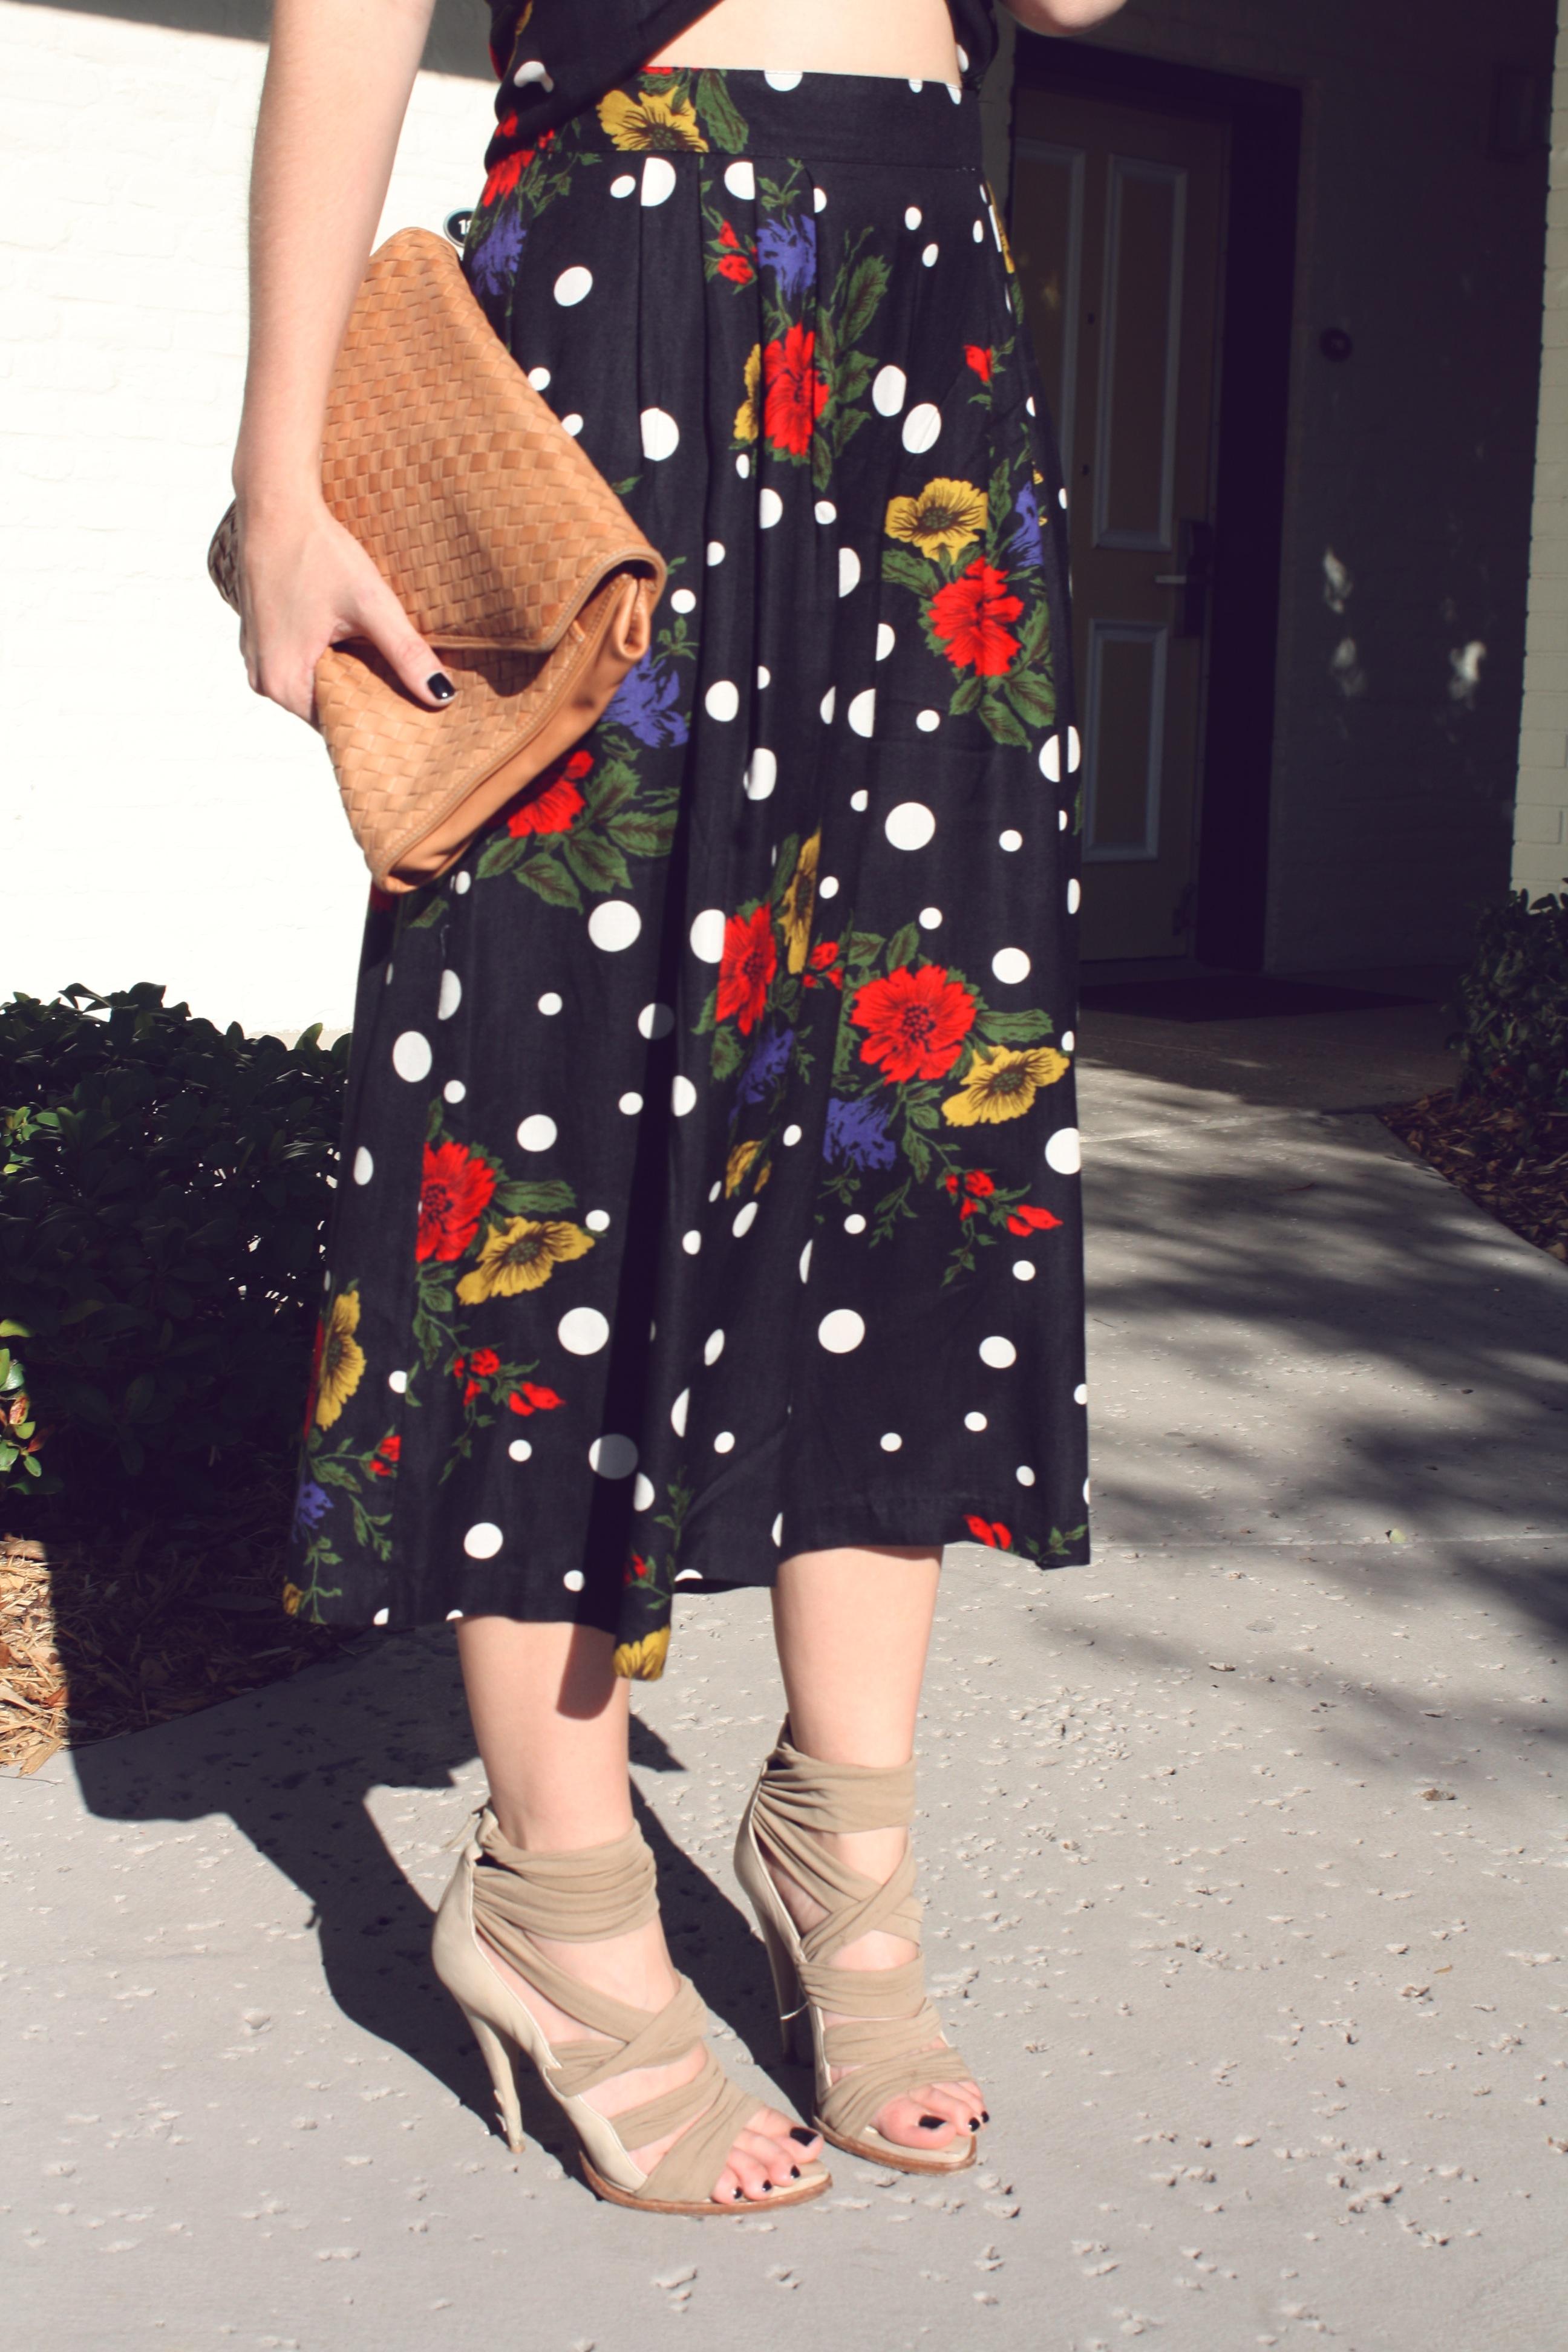 Floral and polka dot pants